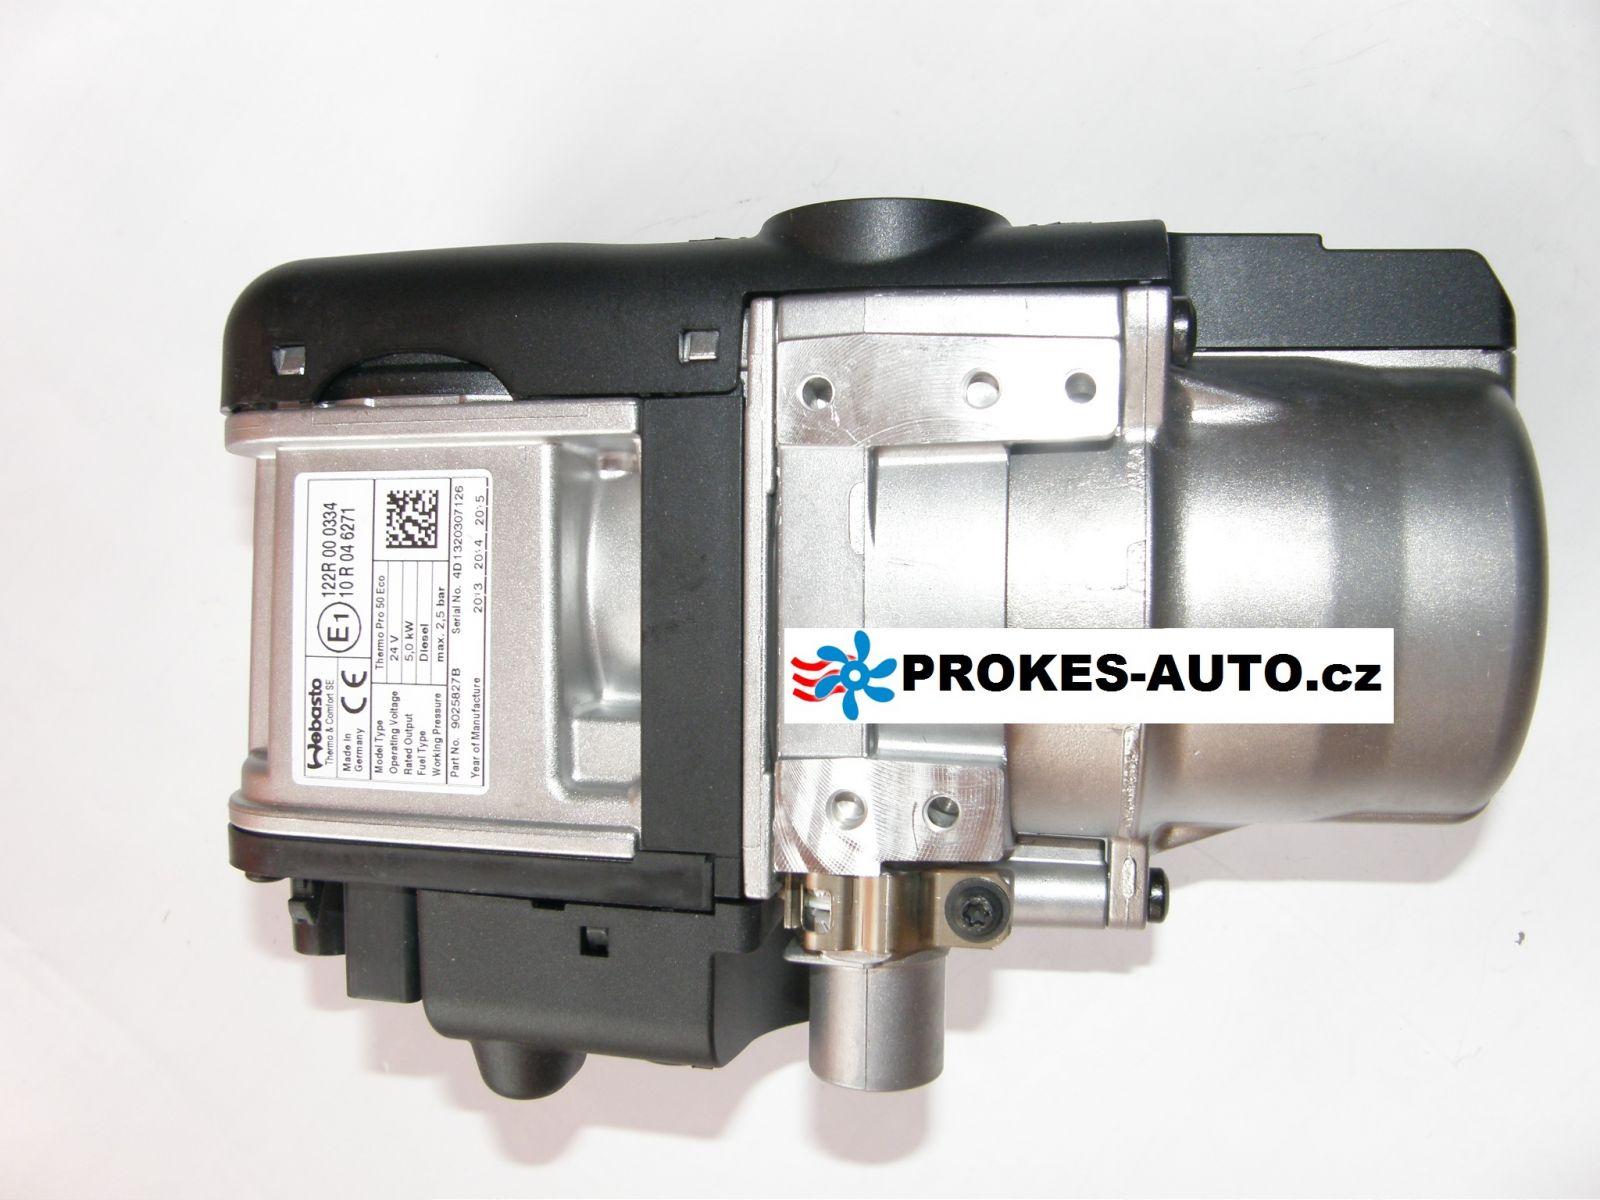 Webasto Thermo Pro 50 Eco 24V 9025827E / 9025827B / 9025827A / 9025827 / 9026553 / 9026553C / 9026553A / 9026553B / 9026553D